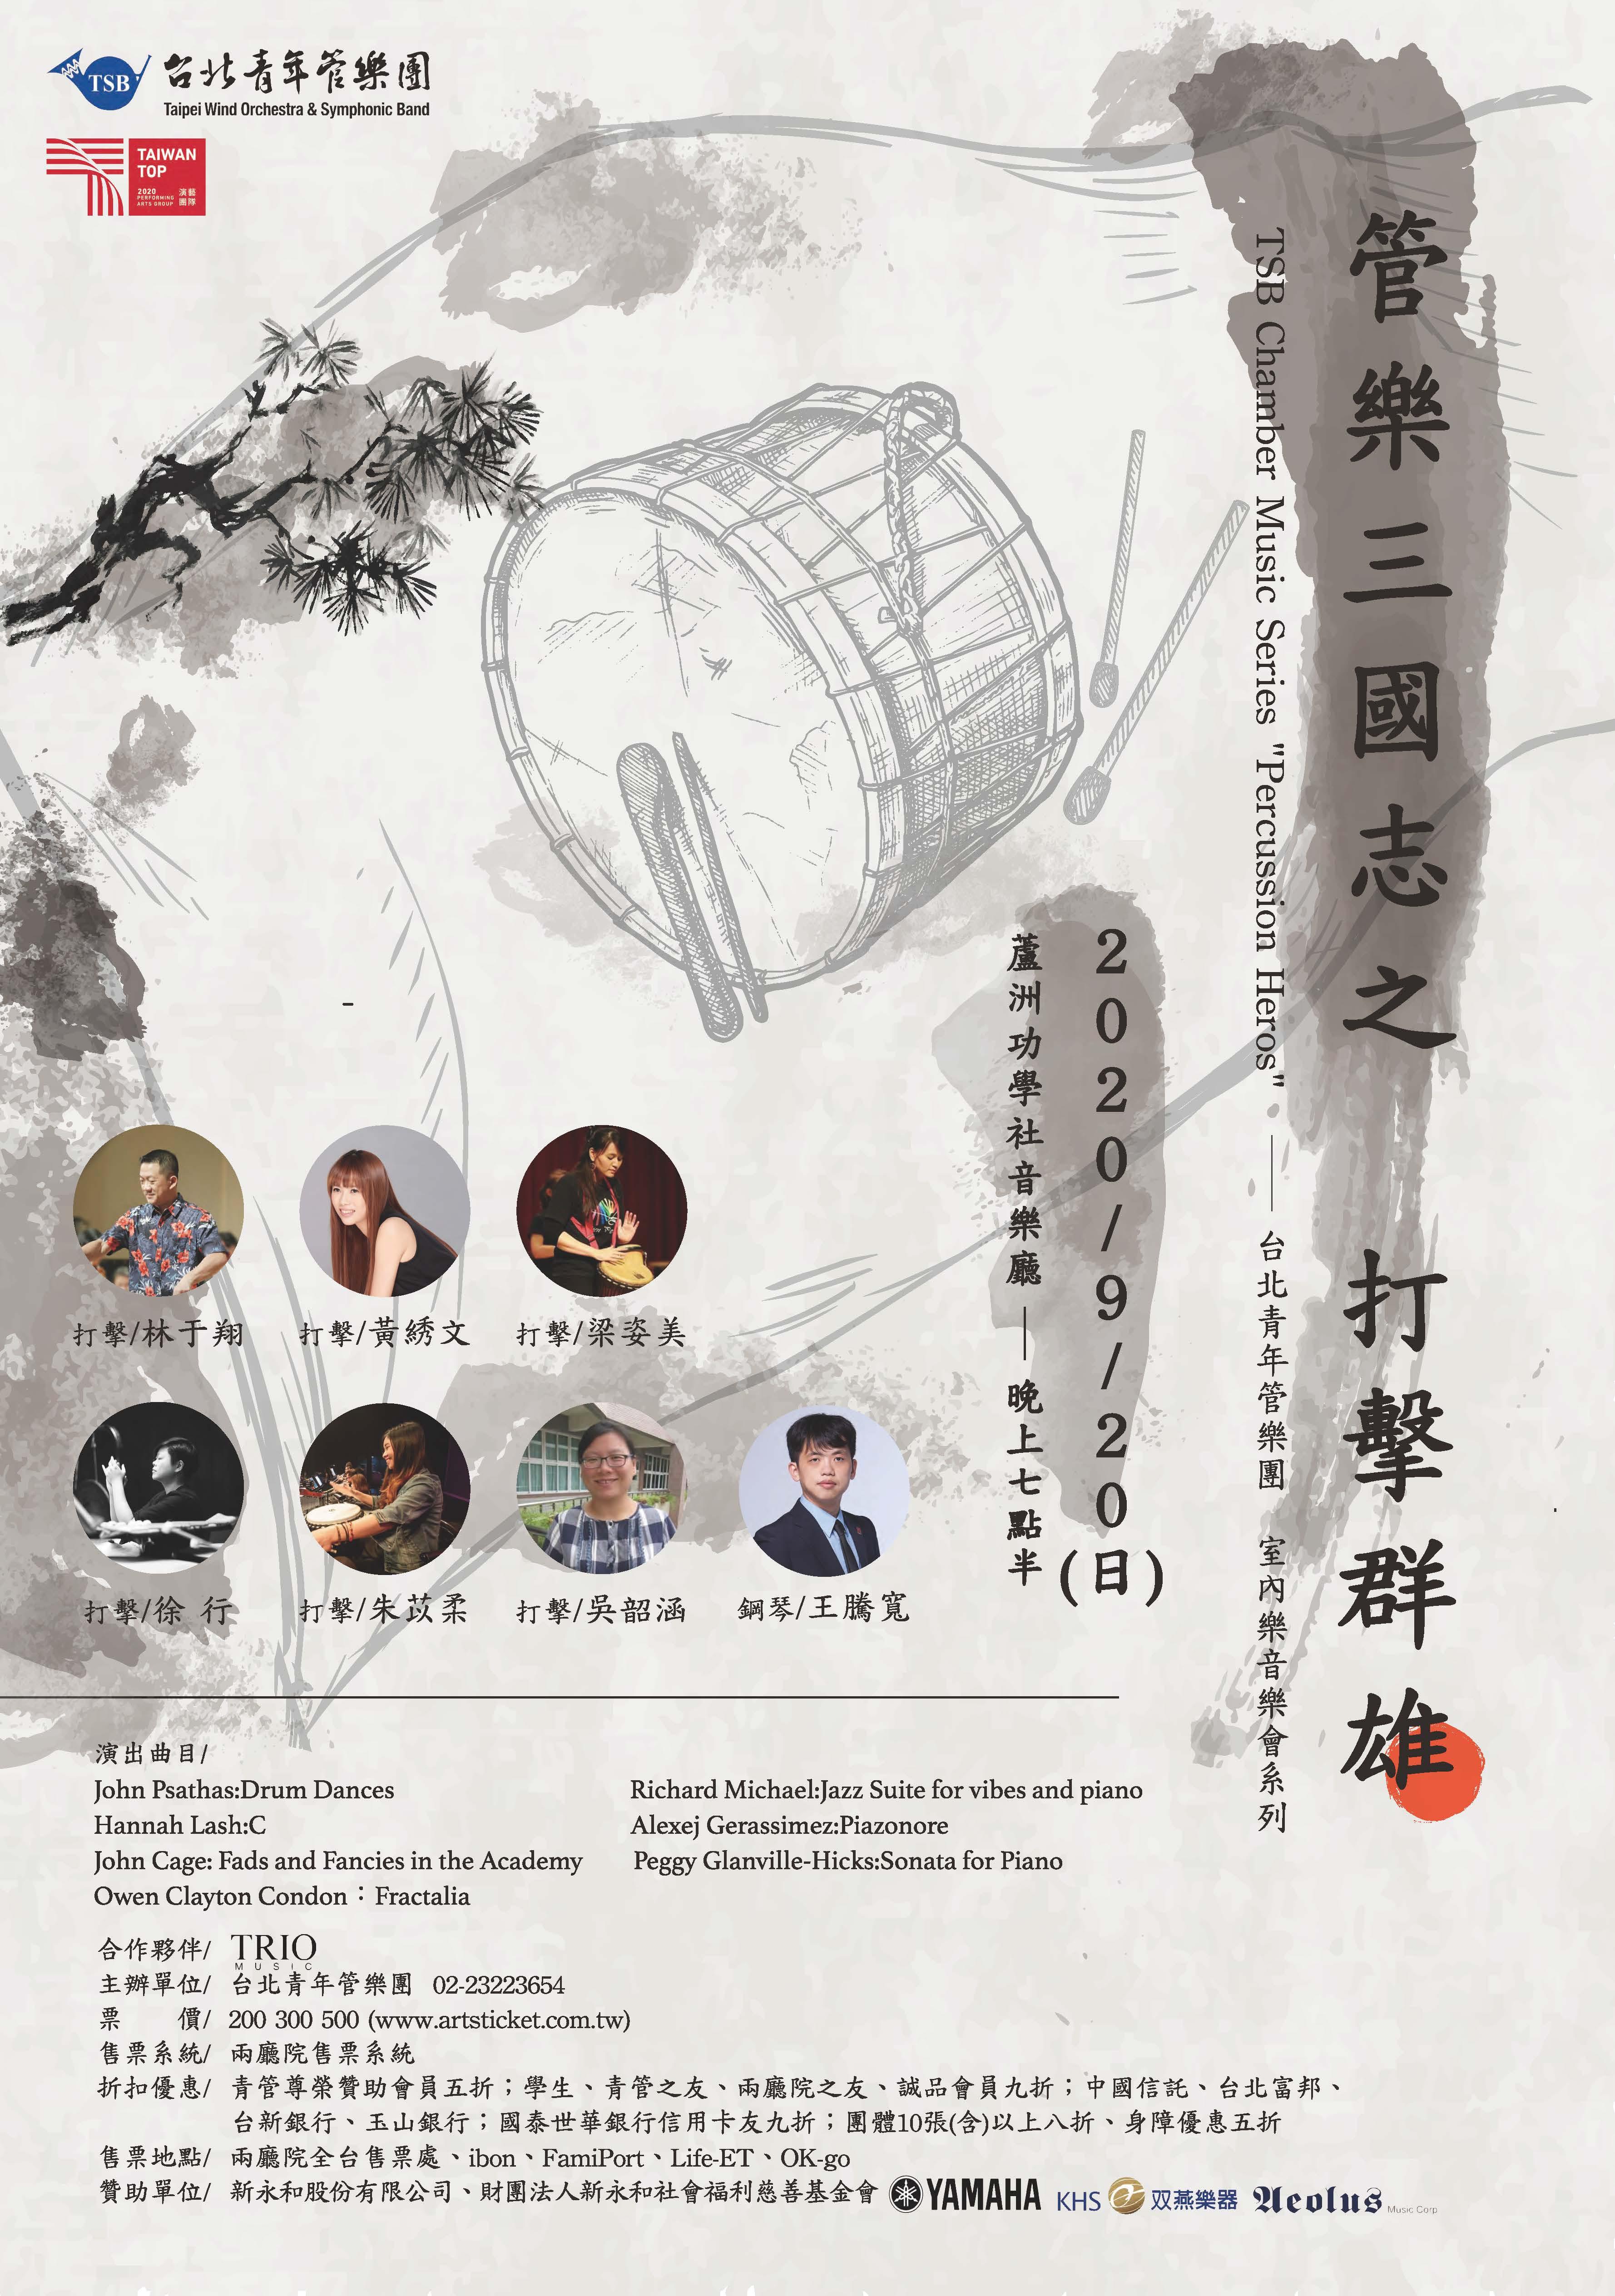 台北青年管樂團室內樂音樂會系列《管樂三國志之打擊群雄》